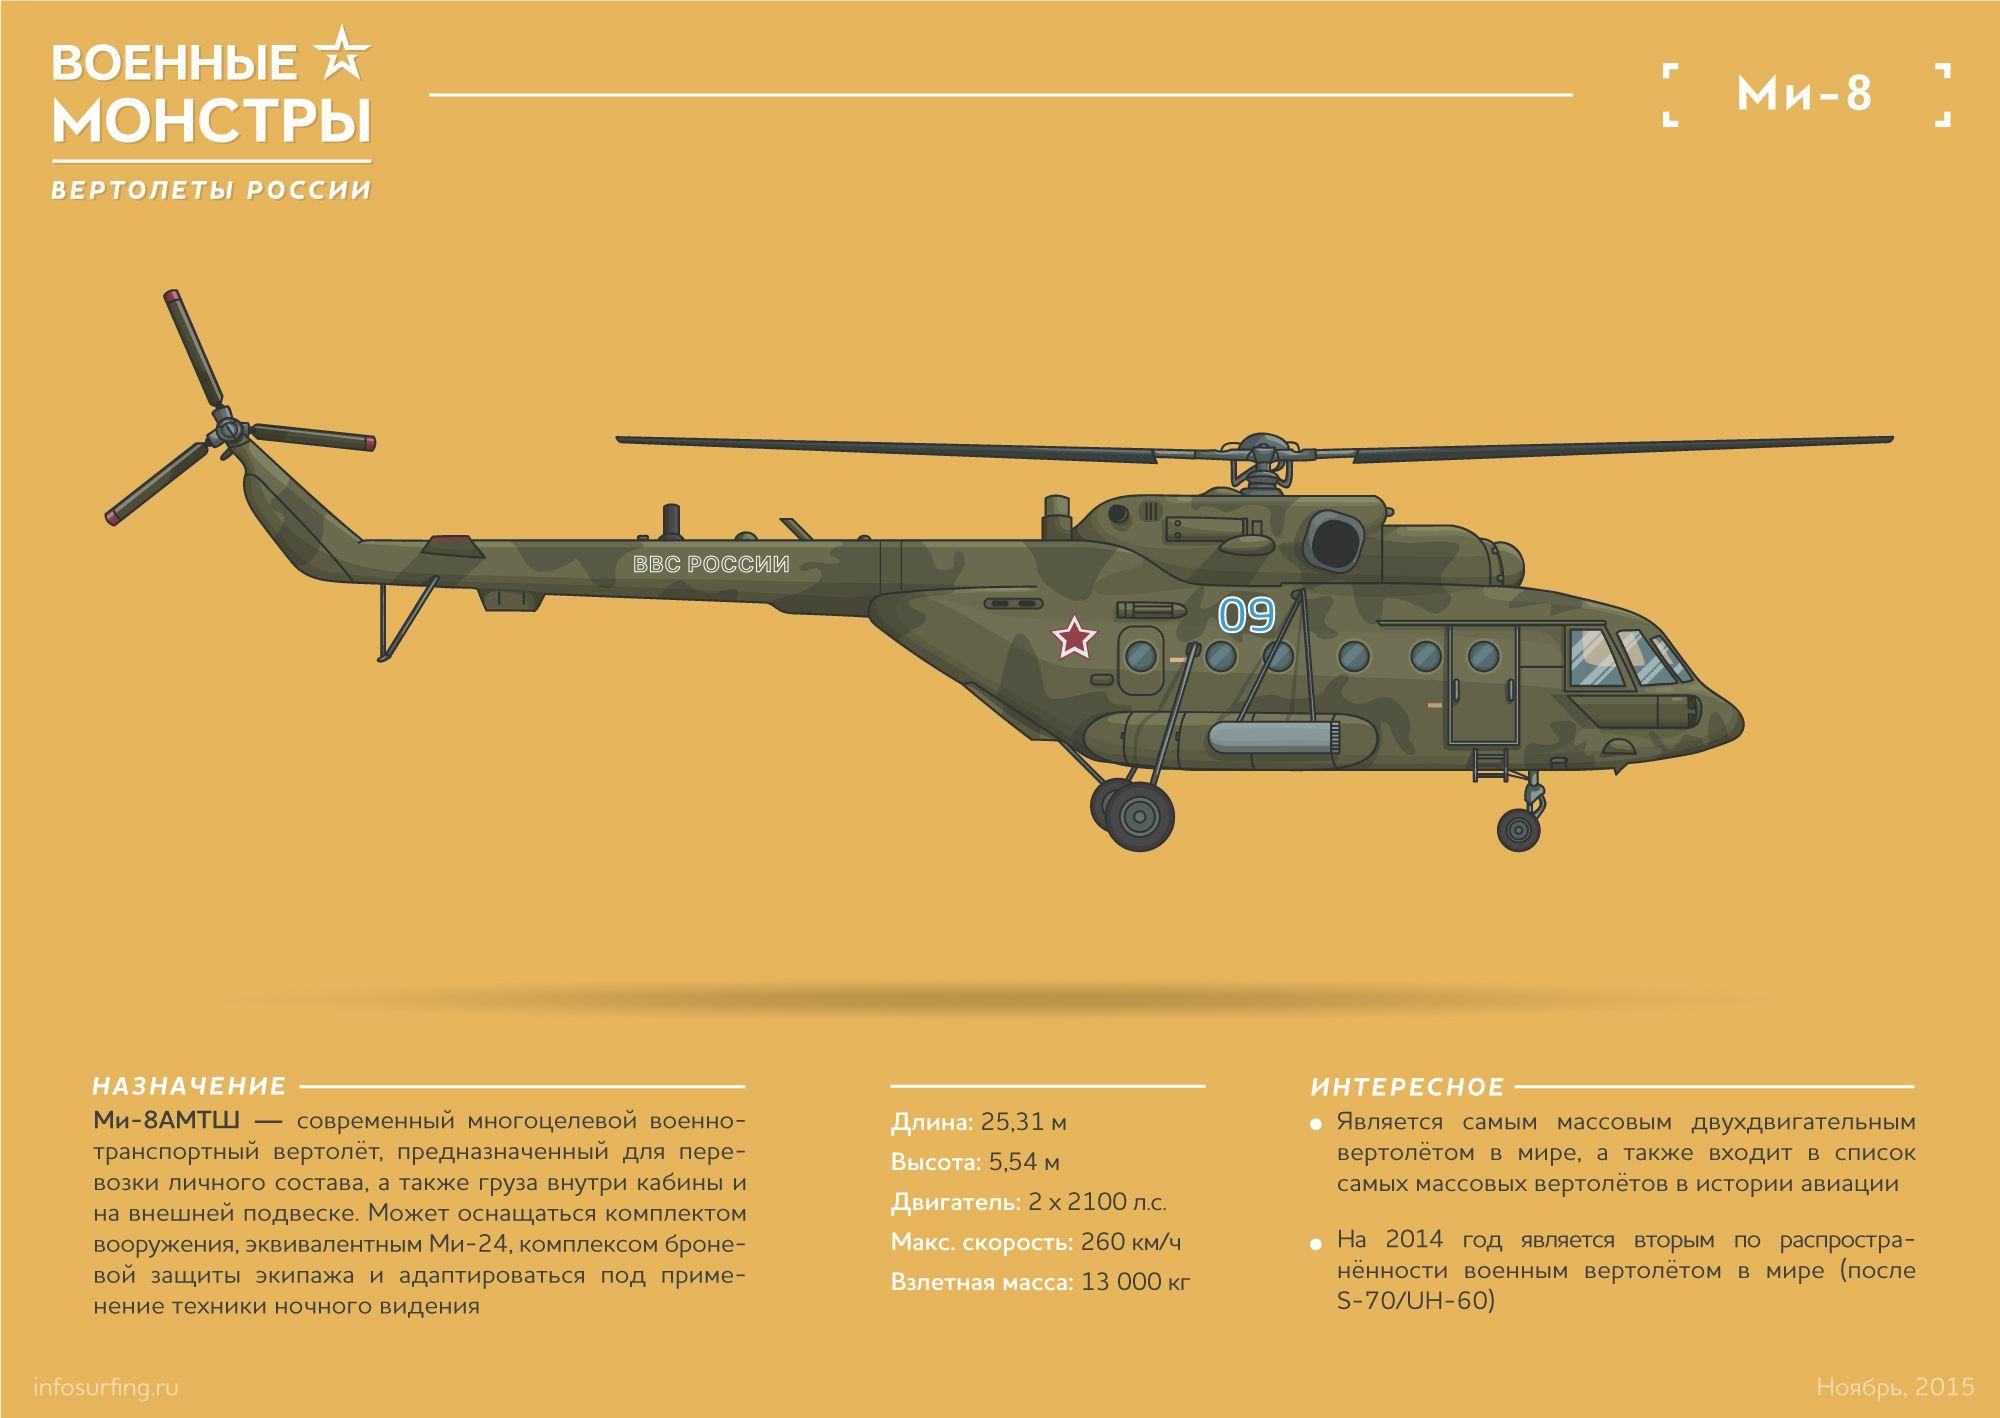 военные вертолеты россии фото с названиями